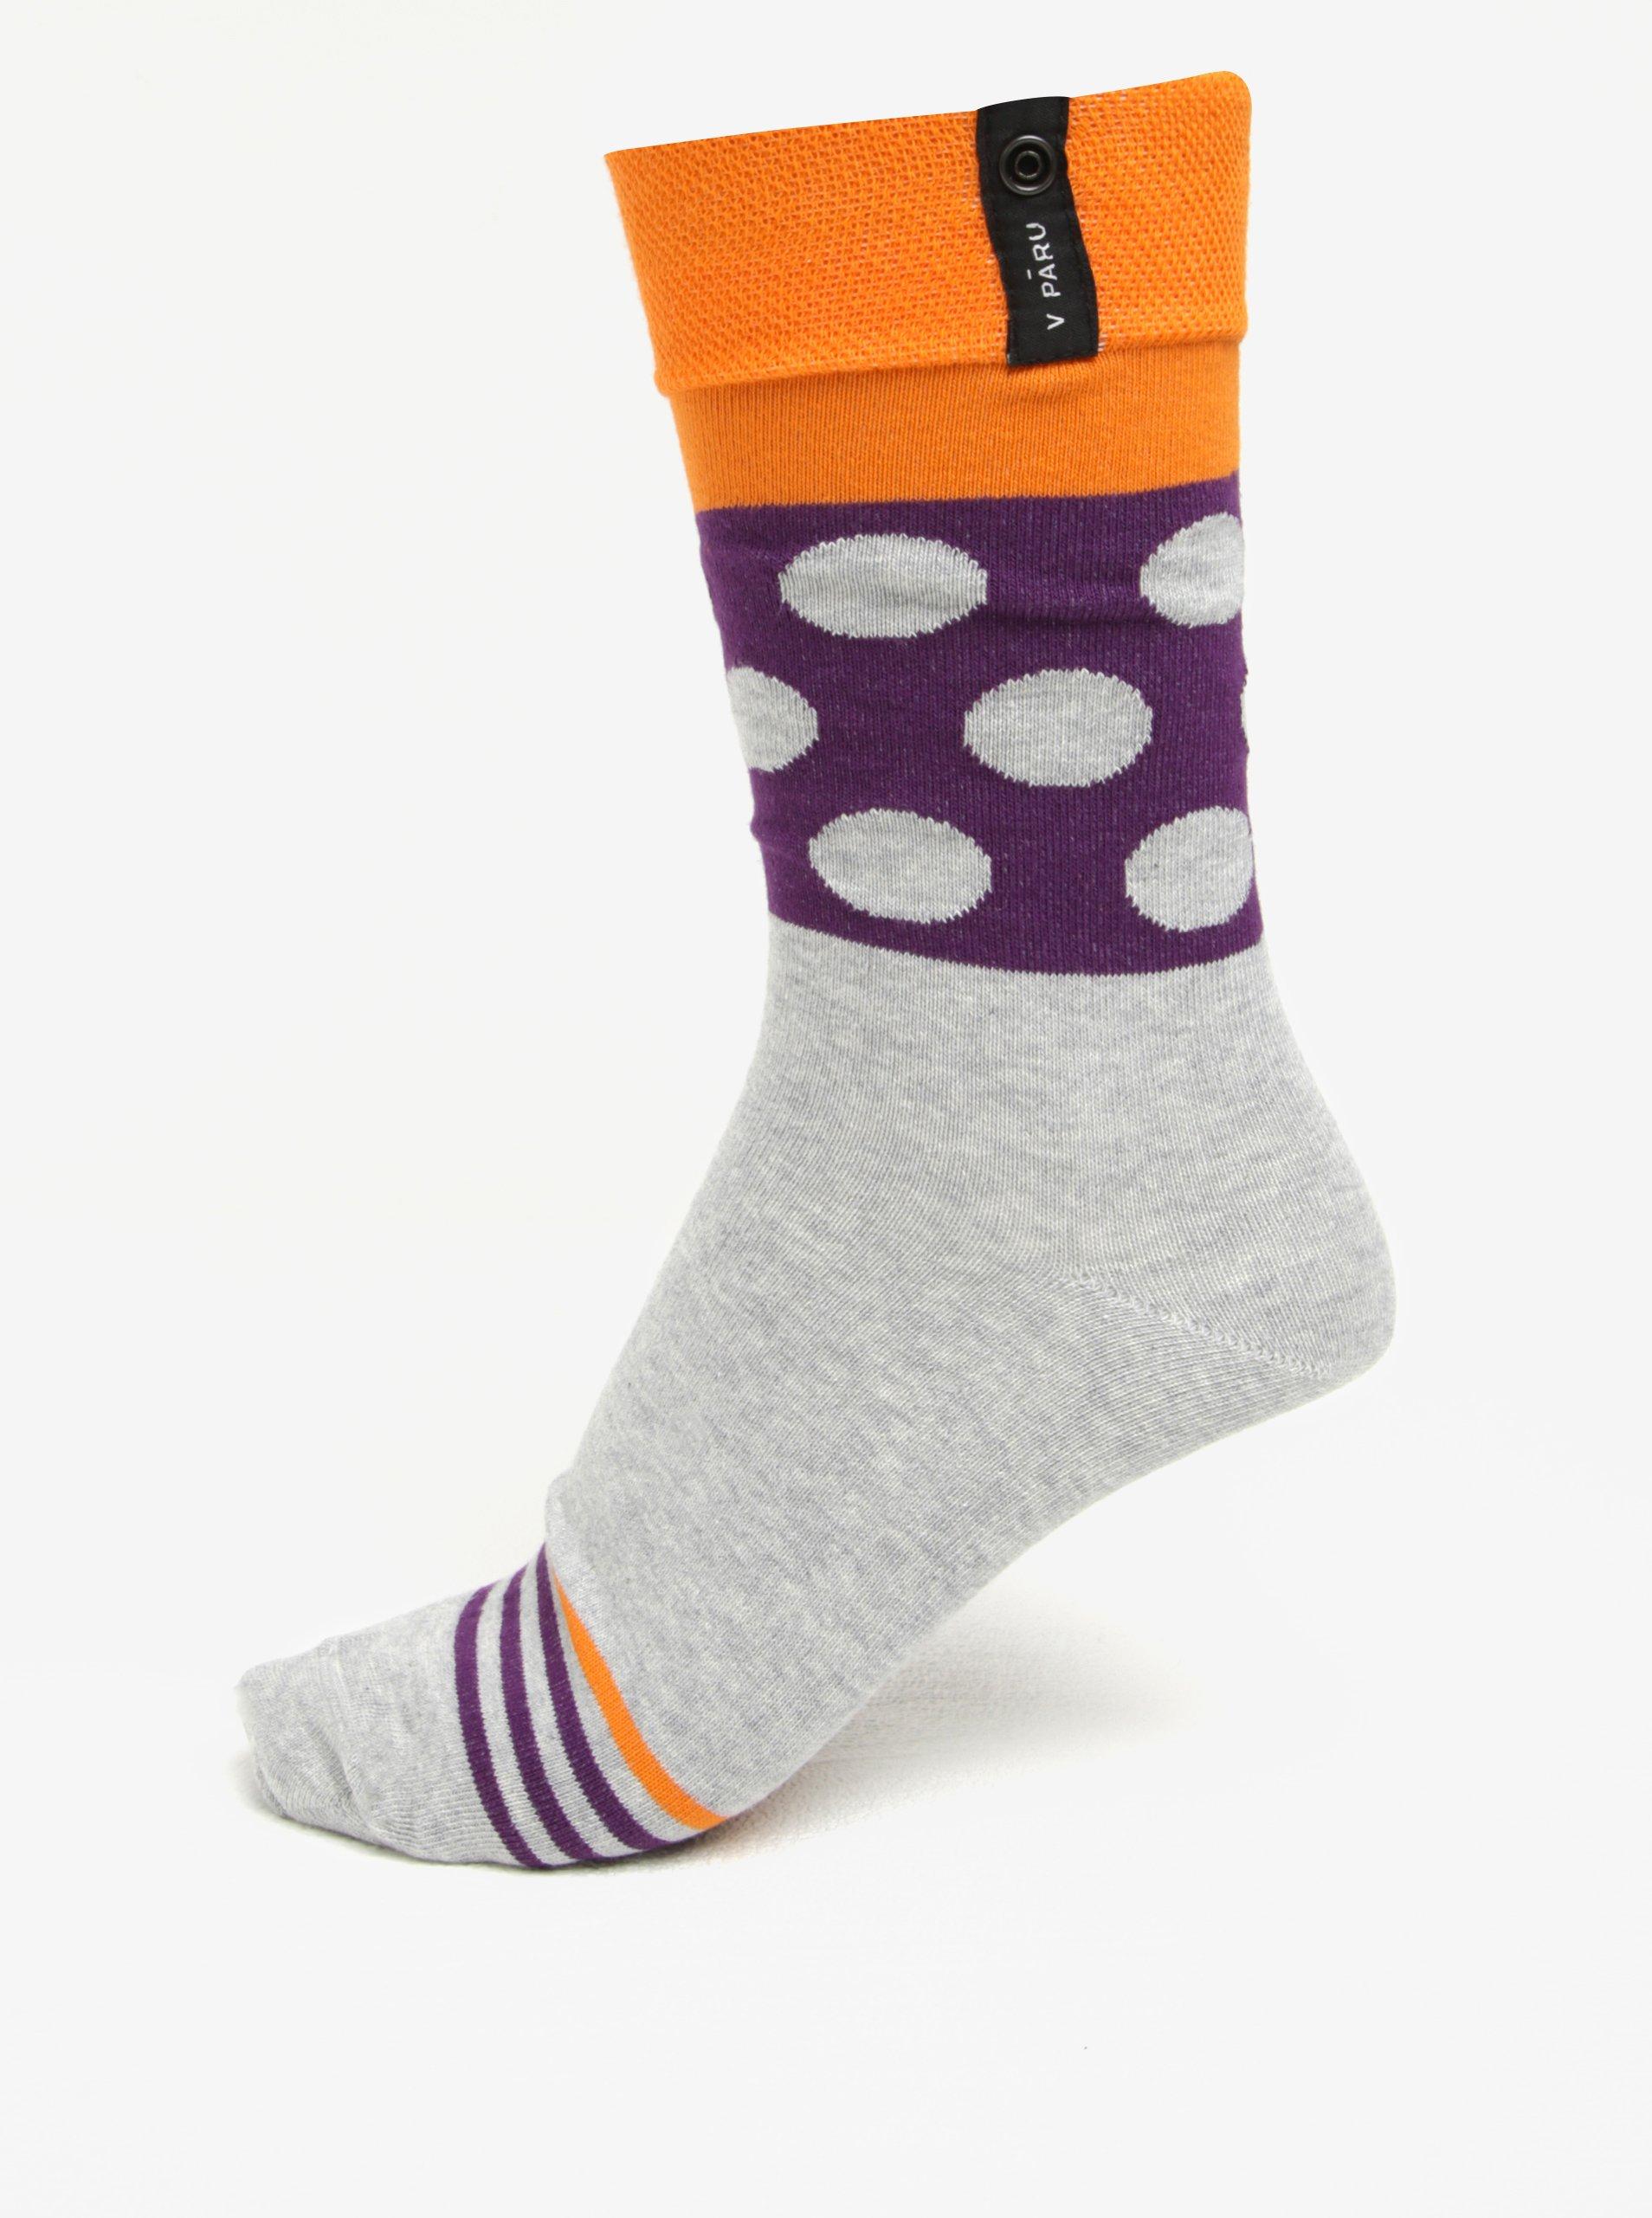 Oranžovo-šedé vzorované unisex ponožky V páru